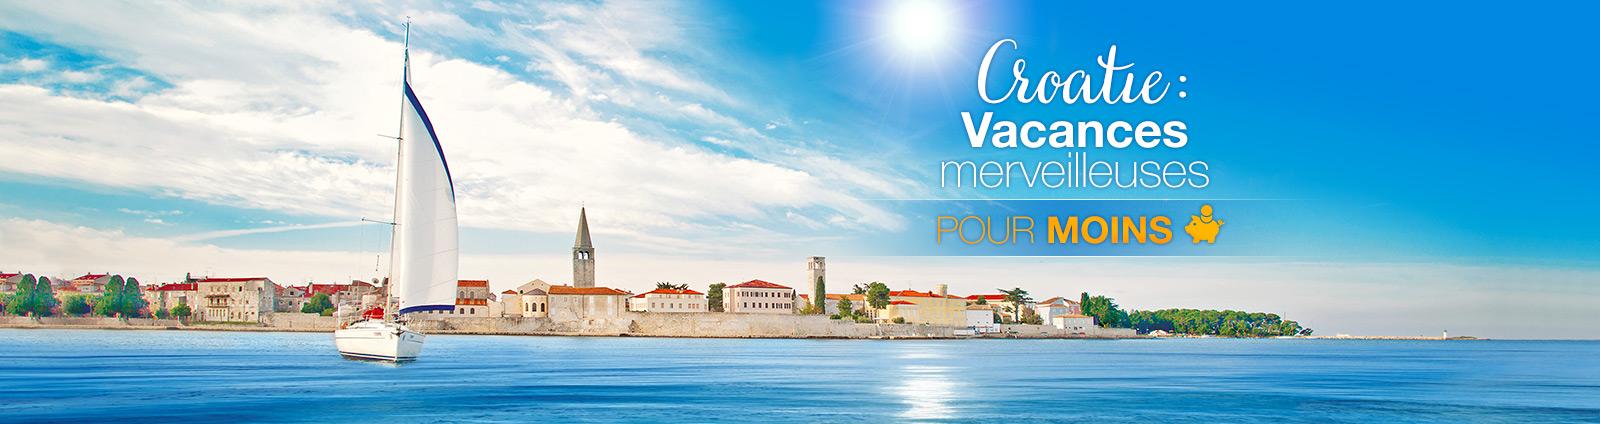 Fantastique découverte de l'Adriatique @ prix réduit - Valamar Hôtels & Resorts, Croatie